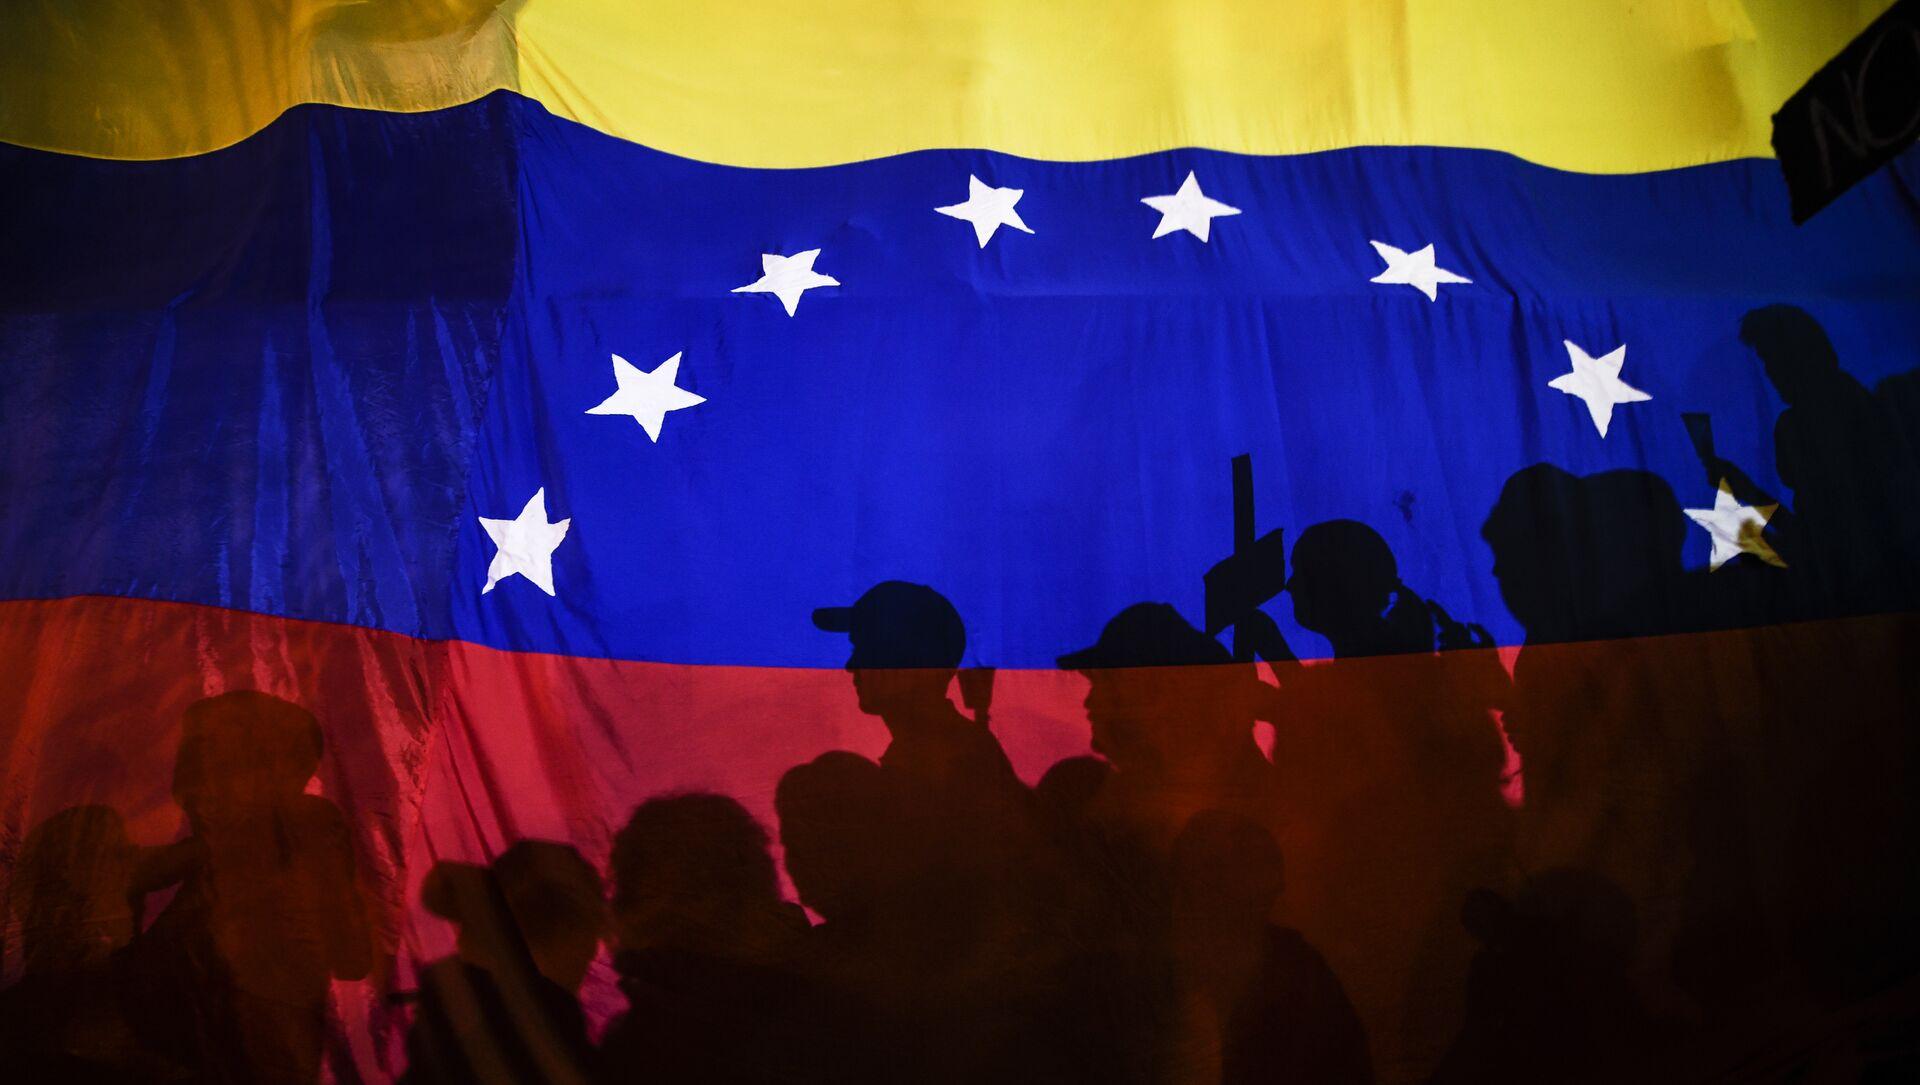 La bandera de Venezuela - Sputnik Mundo, 1920, 01.07.2020